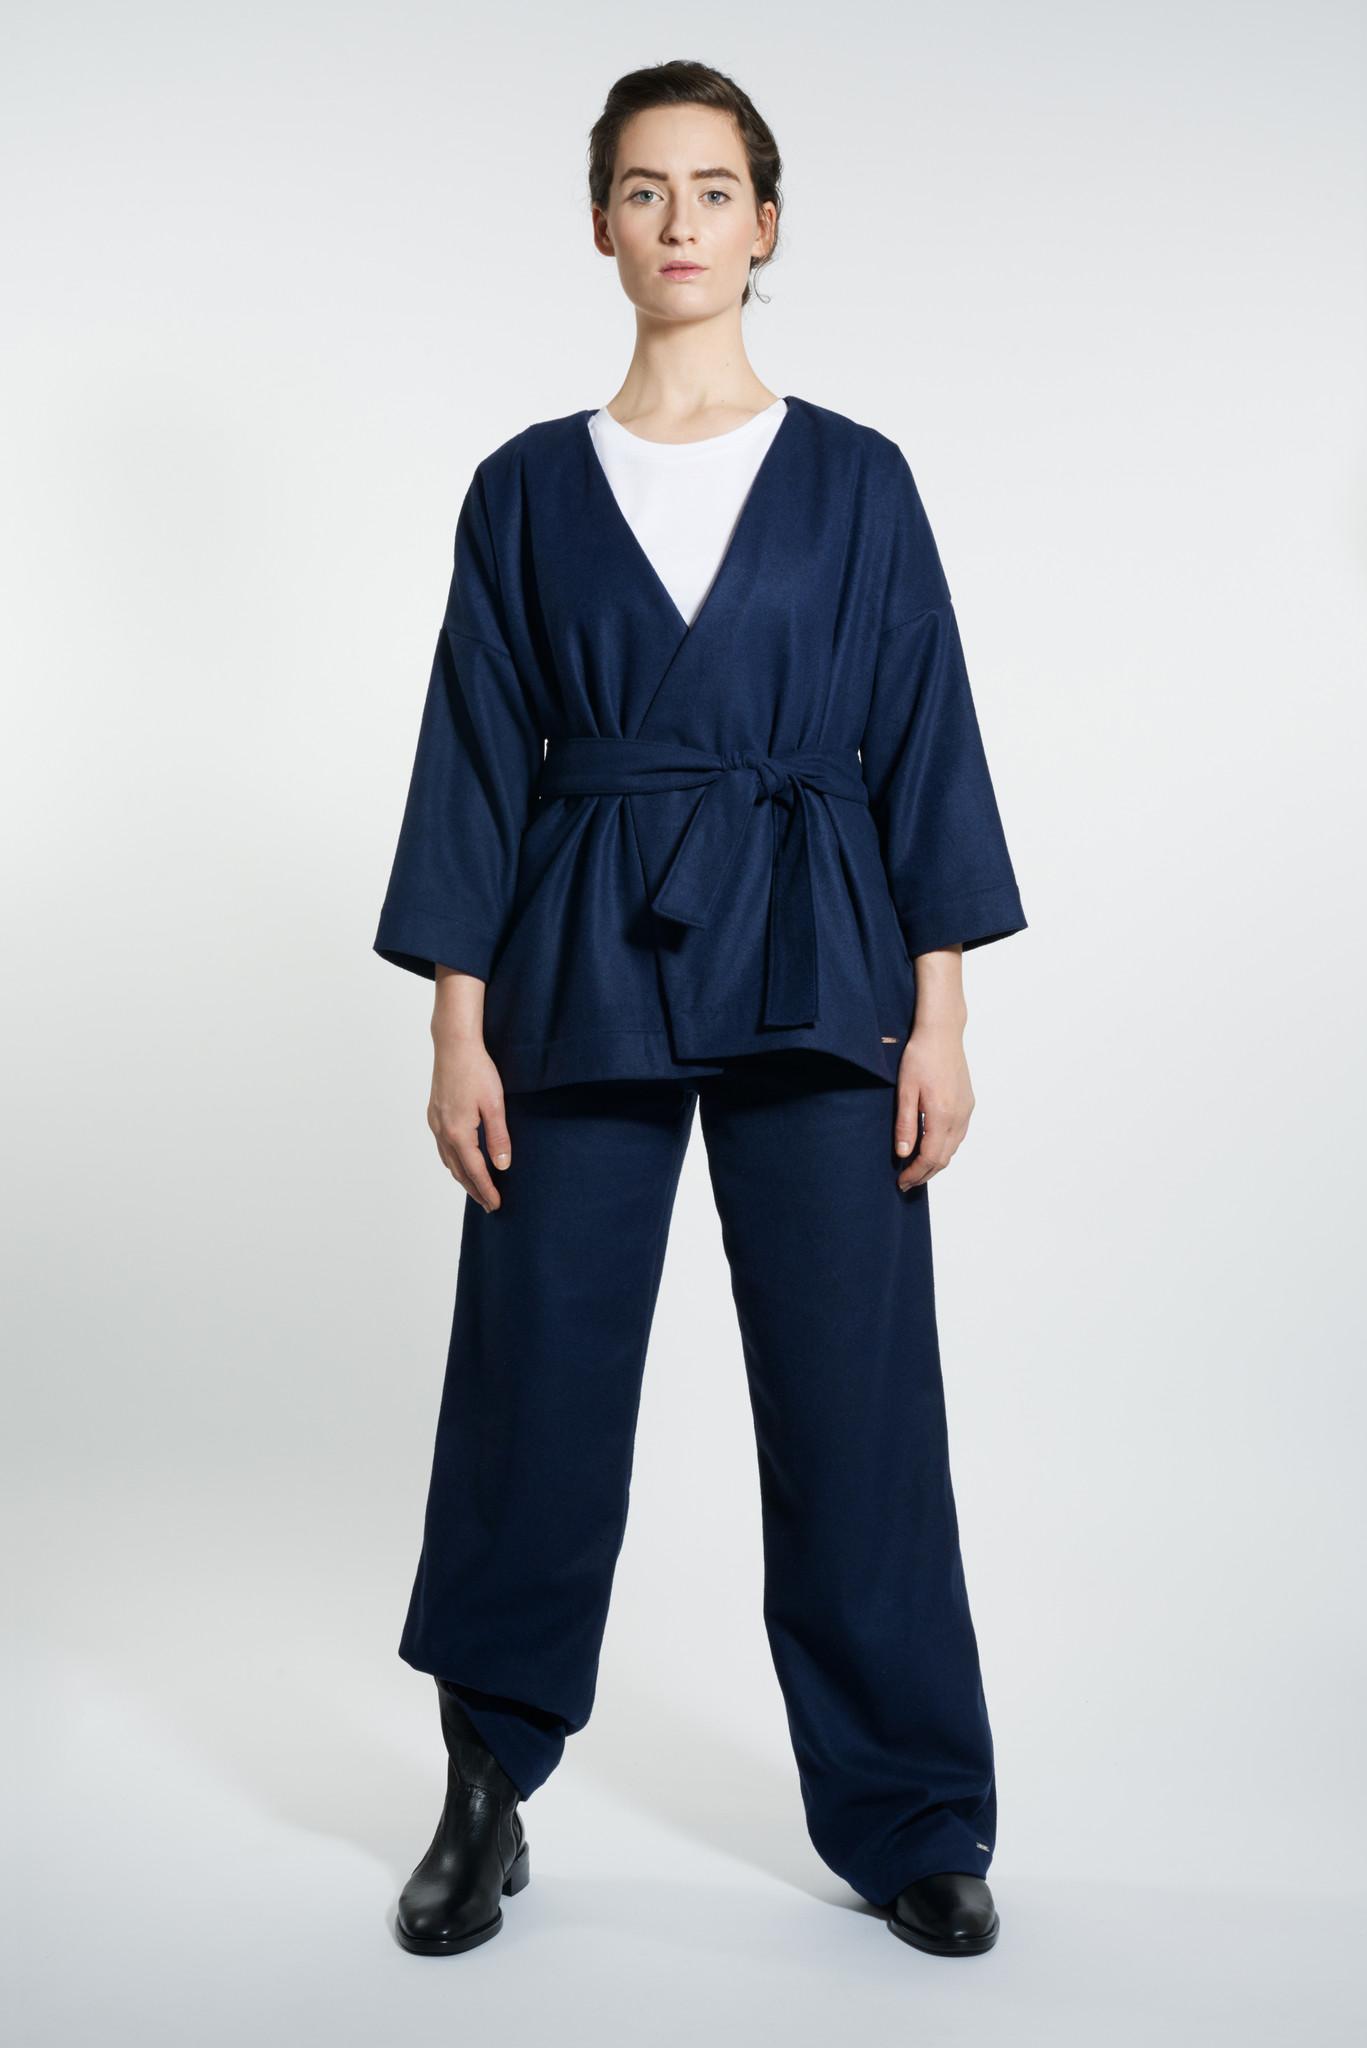 Kimono Jacke aus Wollmix - Navy-1